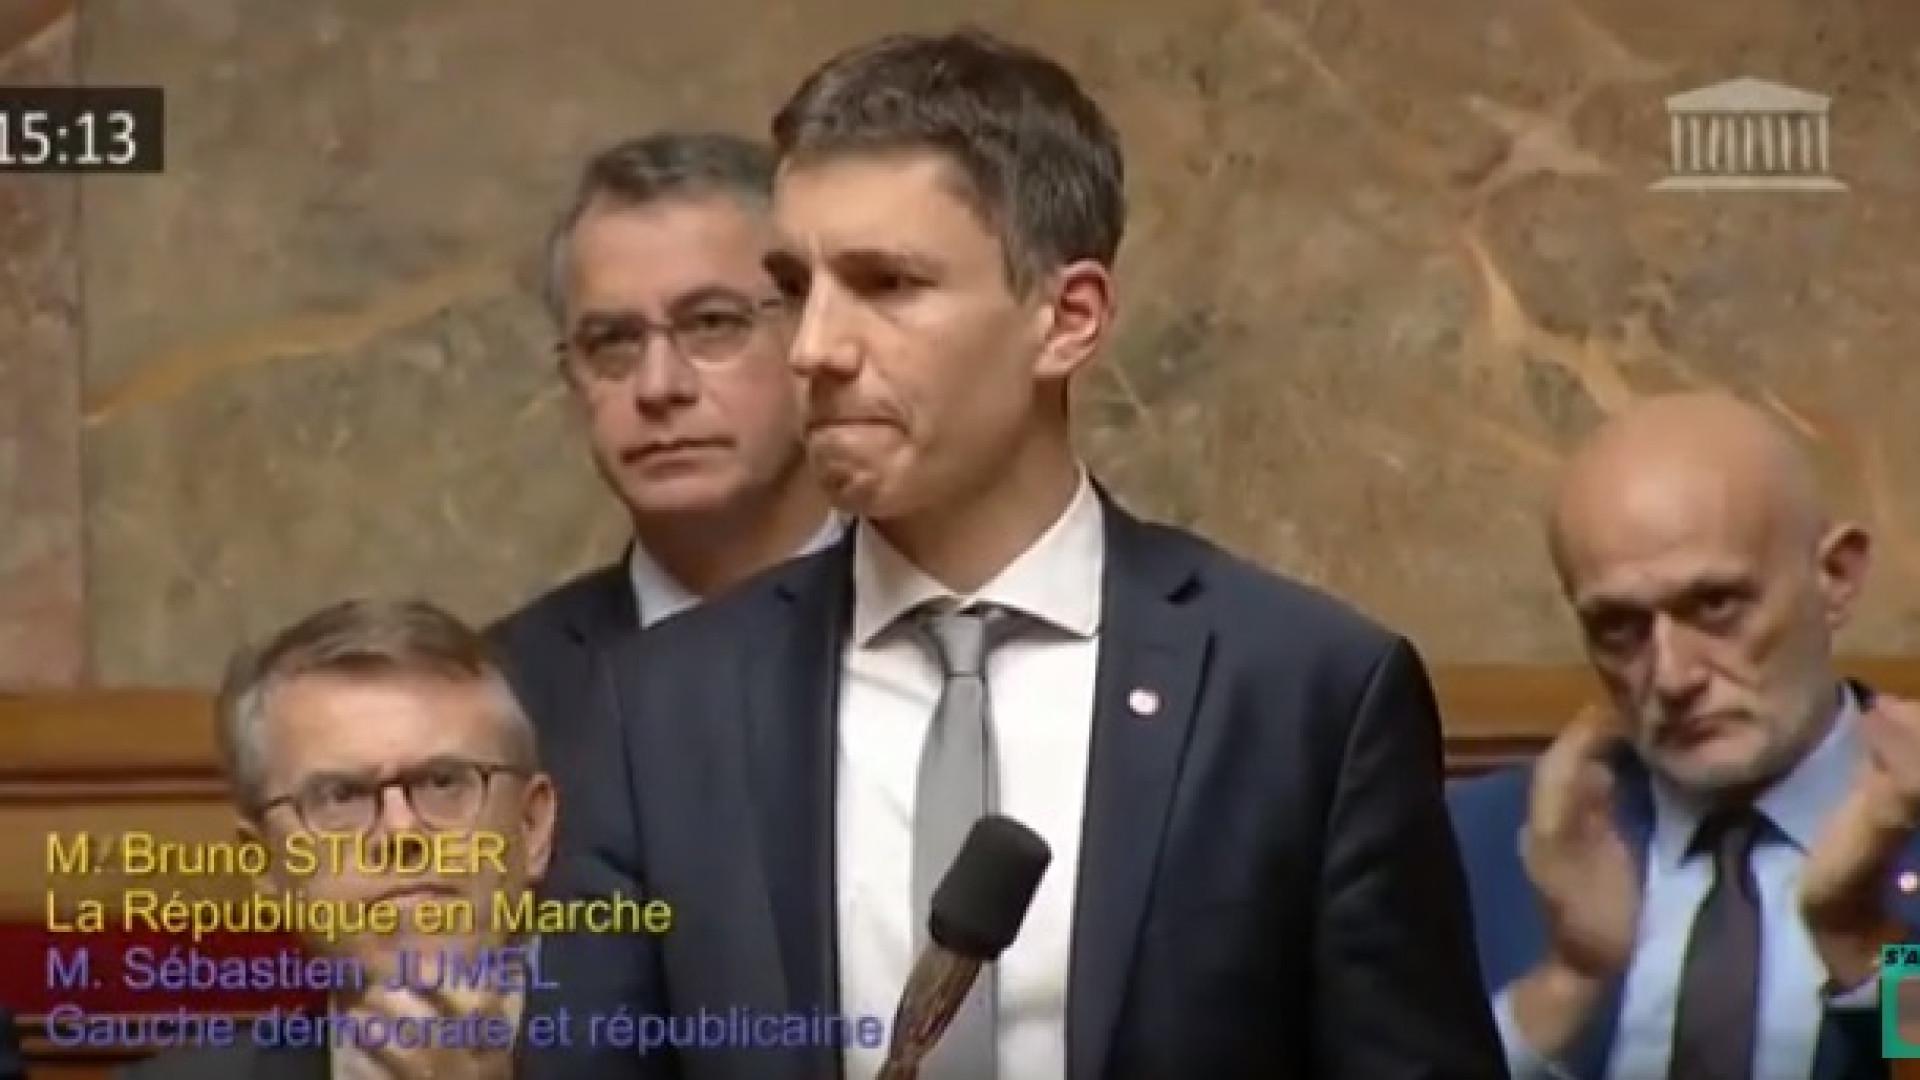 Estrasburgo: Deputado emociona-se no Parlamento francês durante discurso